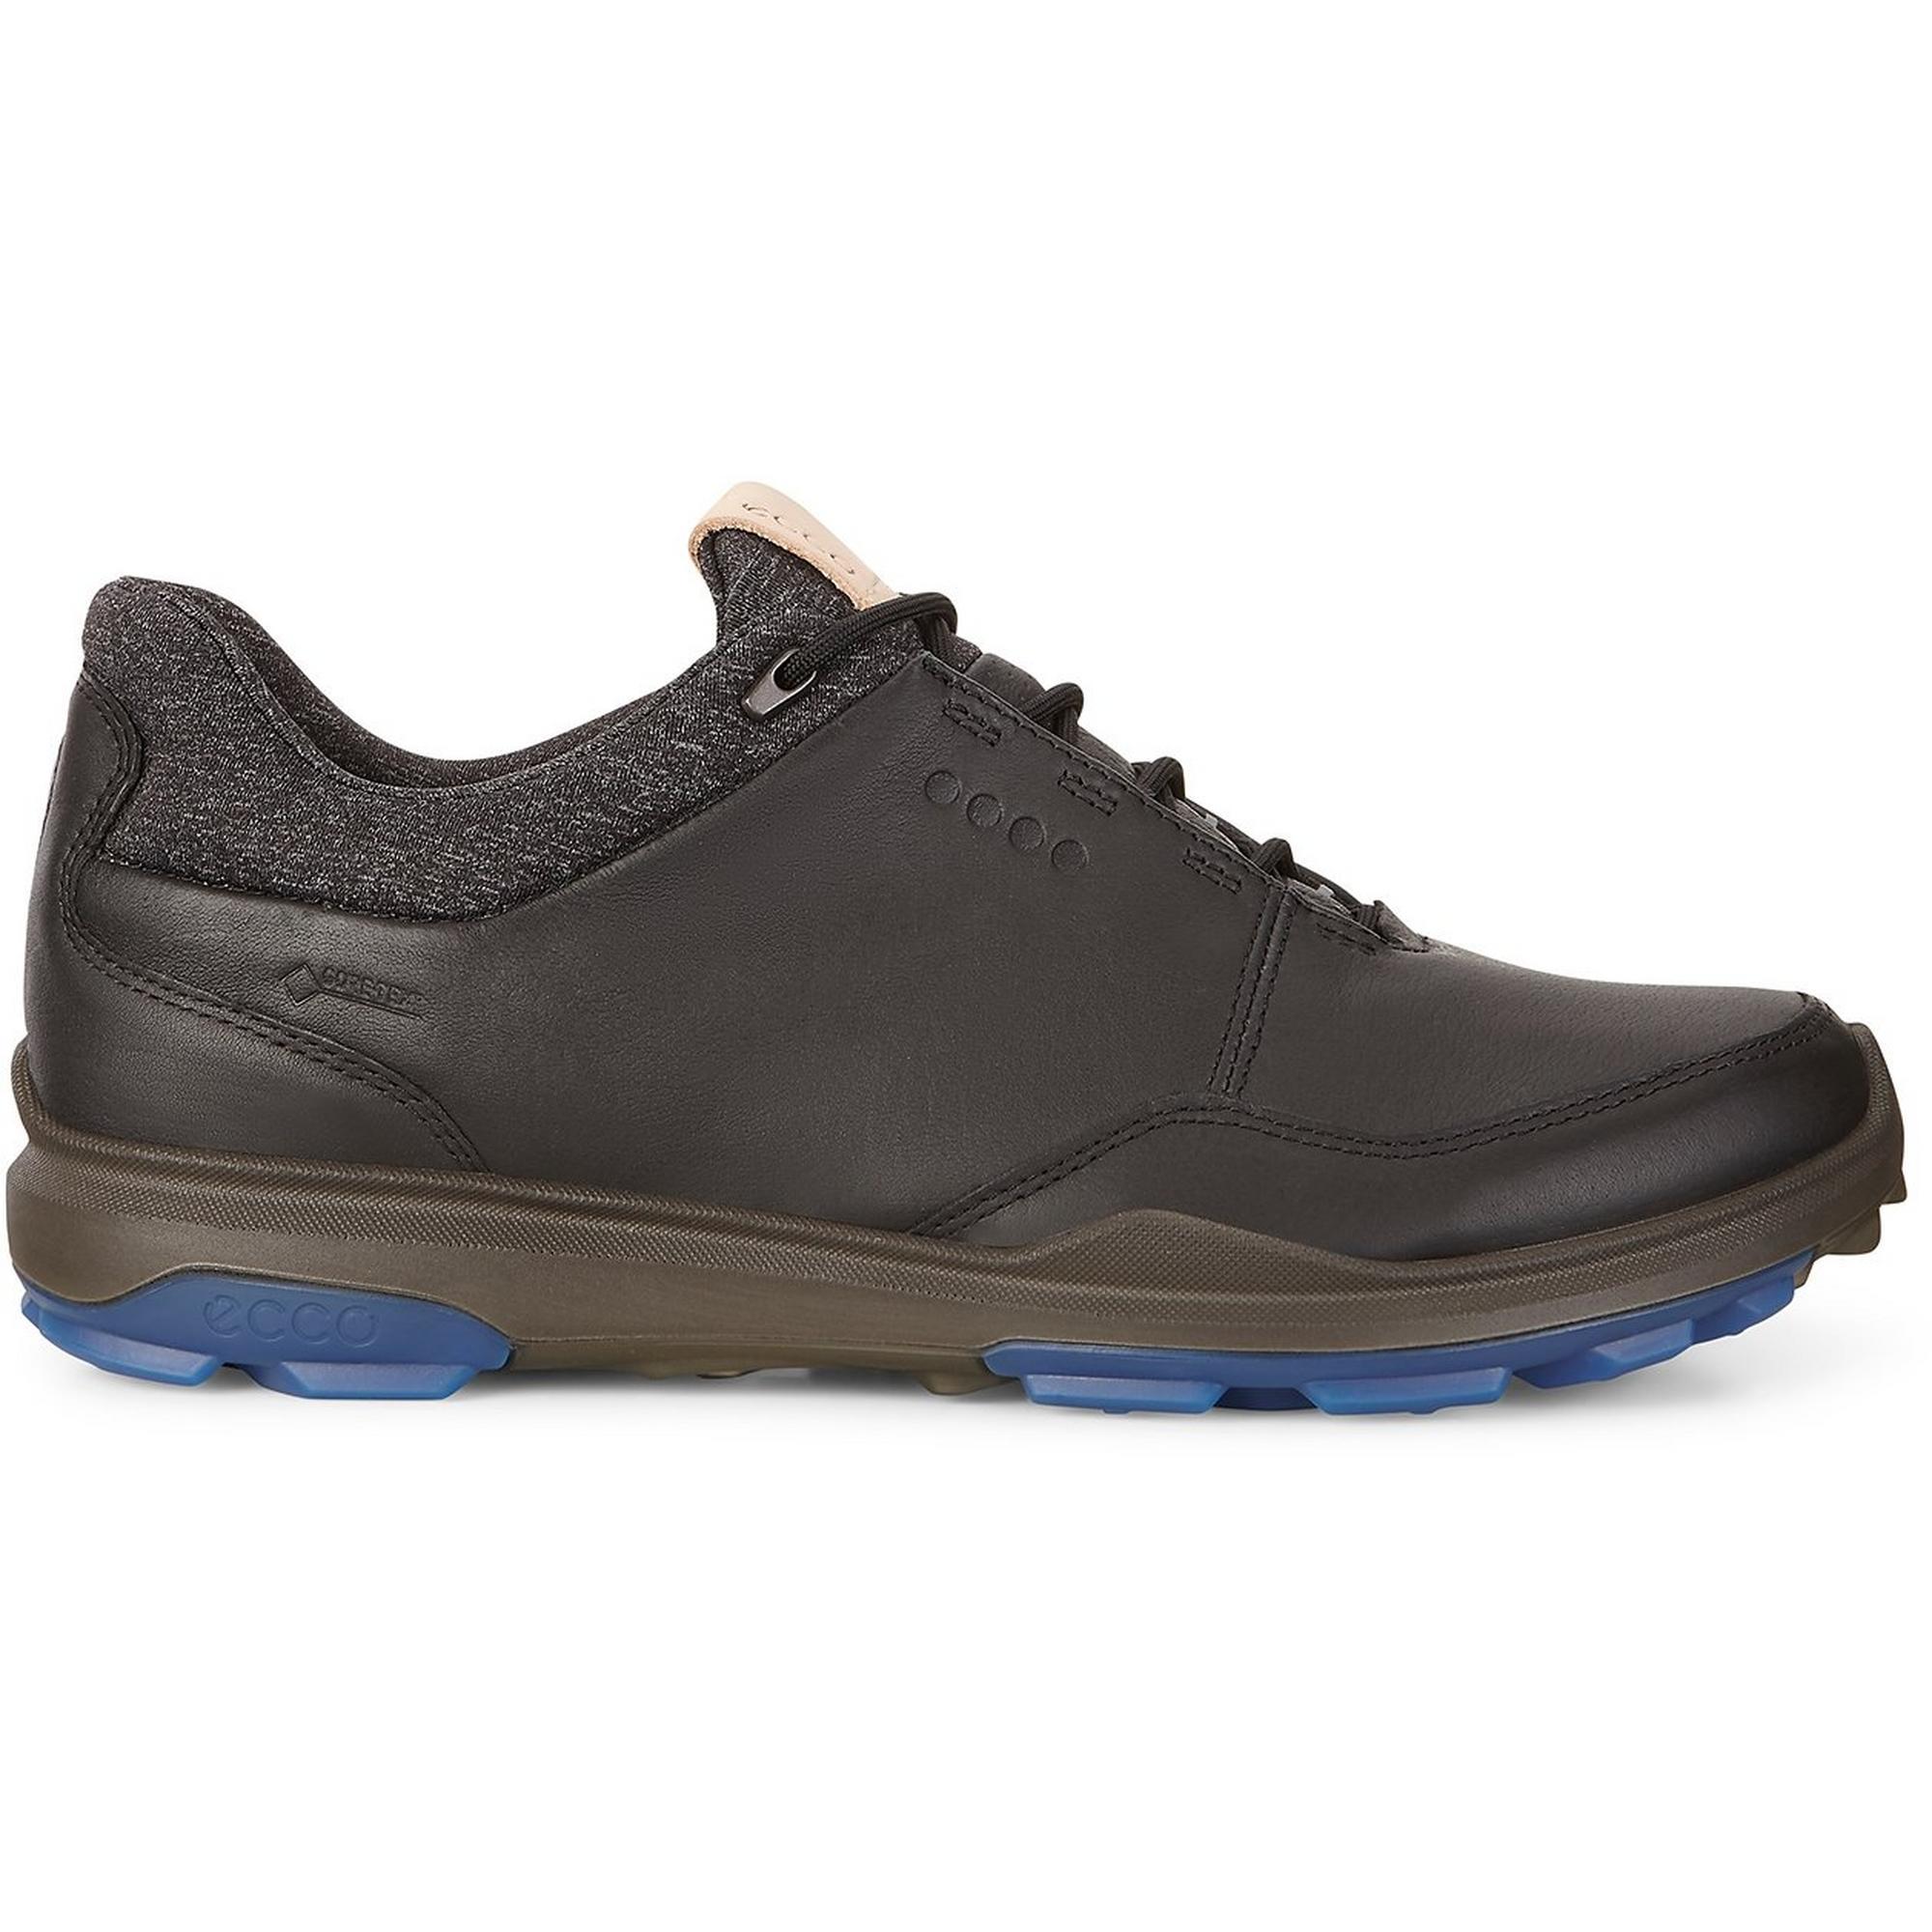 Chaussures Goretex Biom Hybrid 3 sans crampons pour hommes – Noir/Bleu